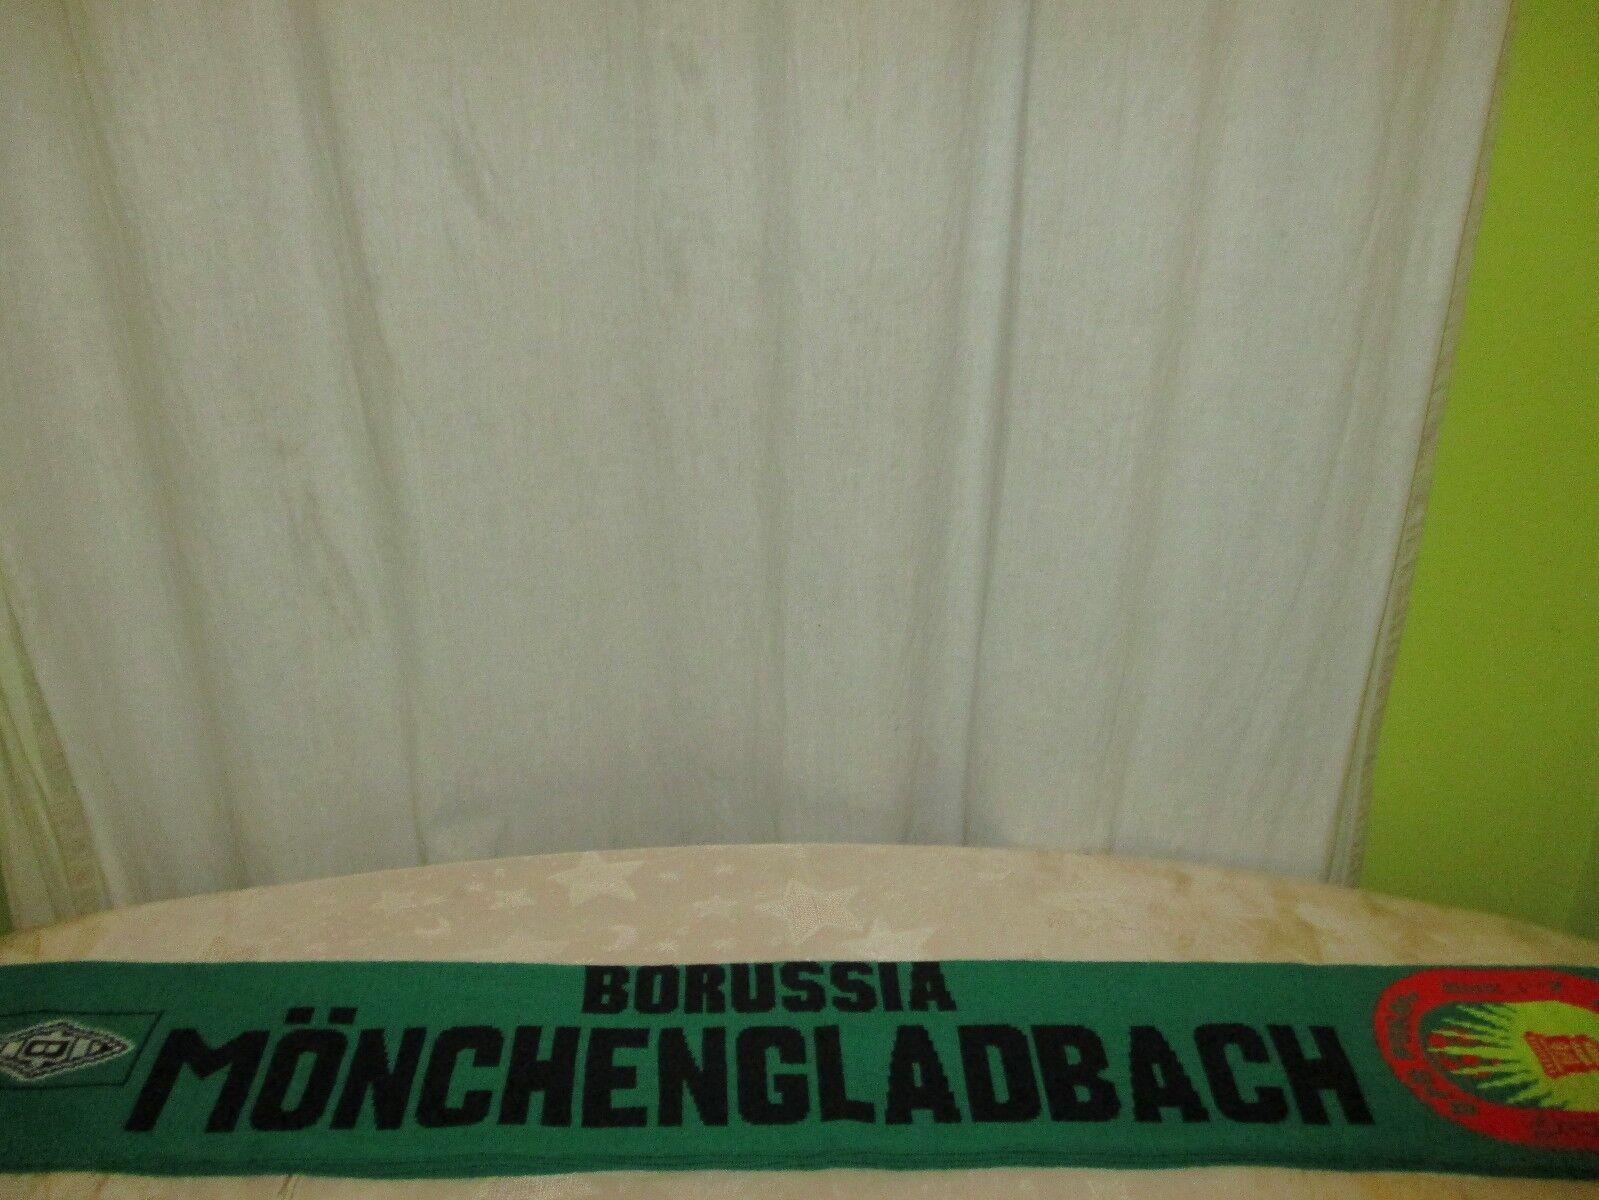 Borussia Borussia Borussia Mönchengladbach Schal